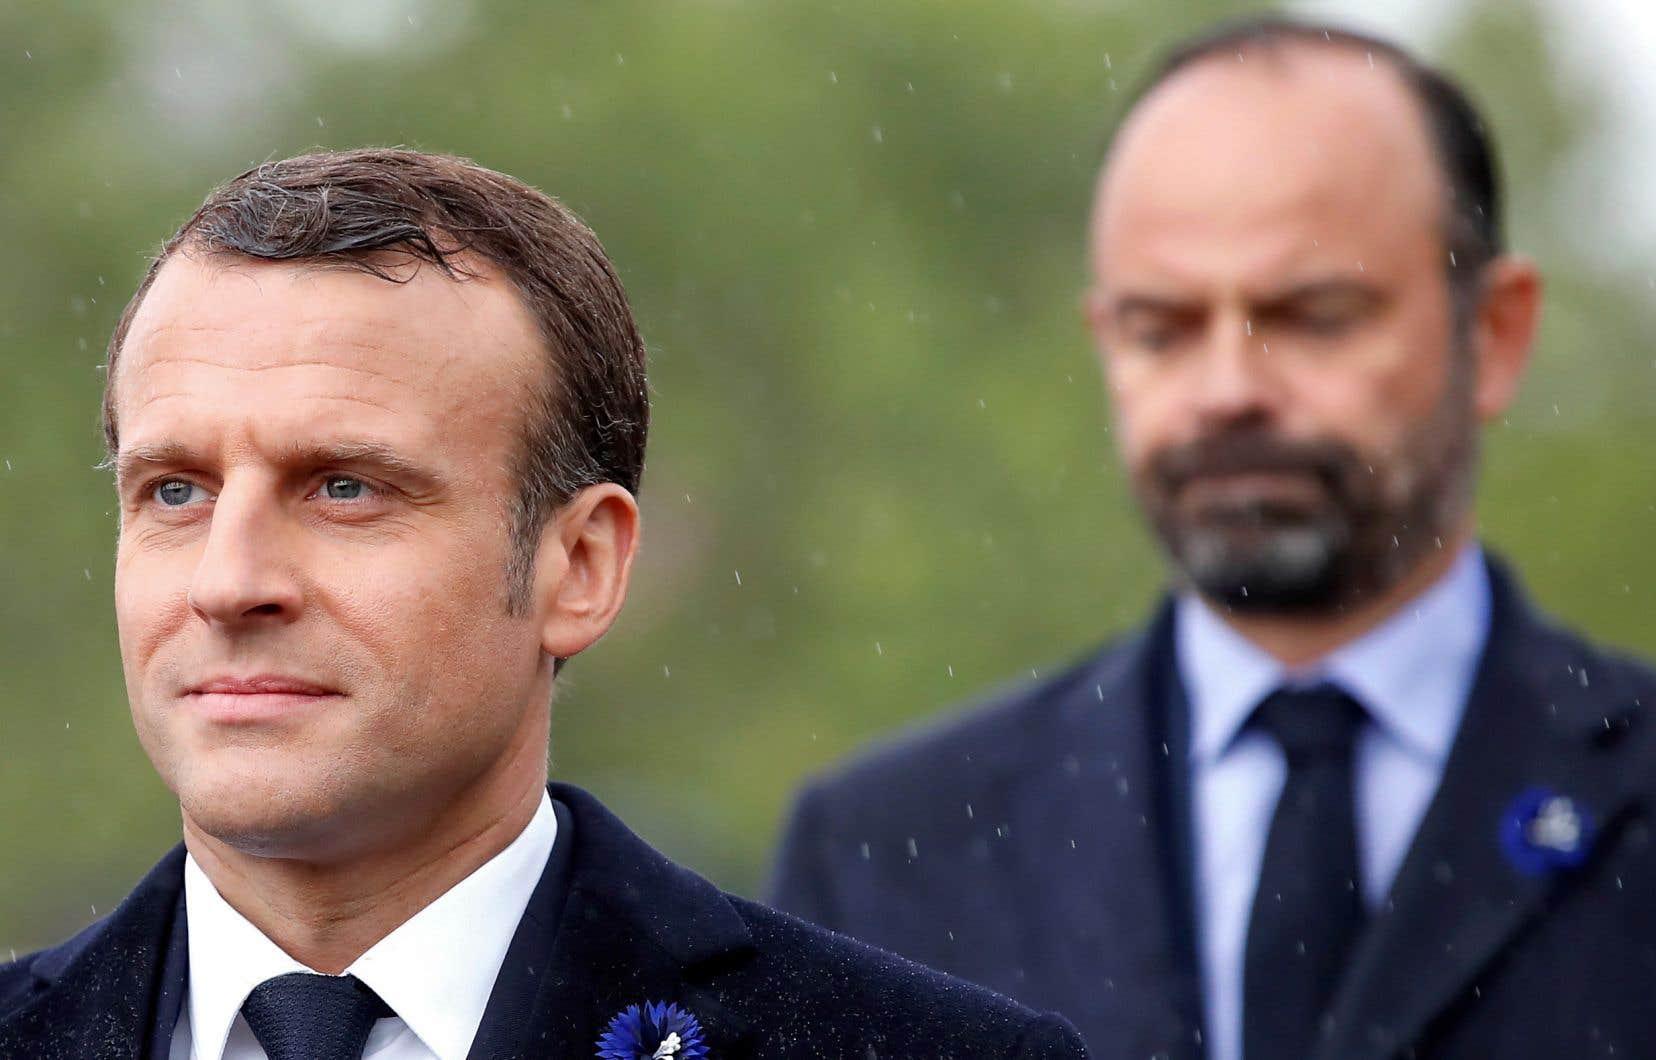 Le président Emmanuel Macron, en compagnie du premier ministre Édouard Philippe